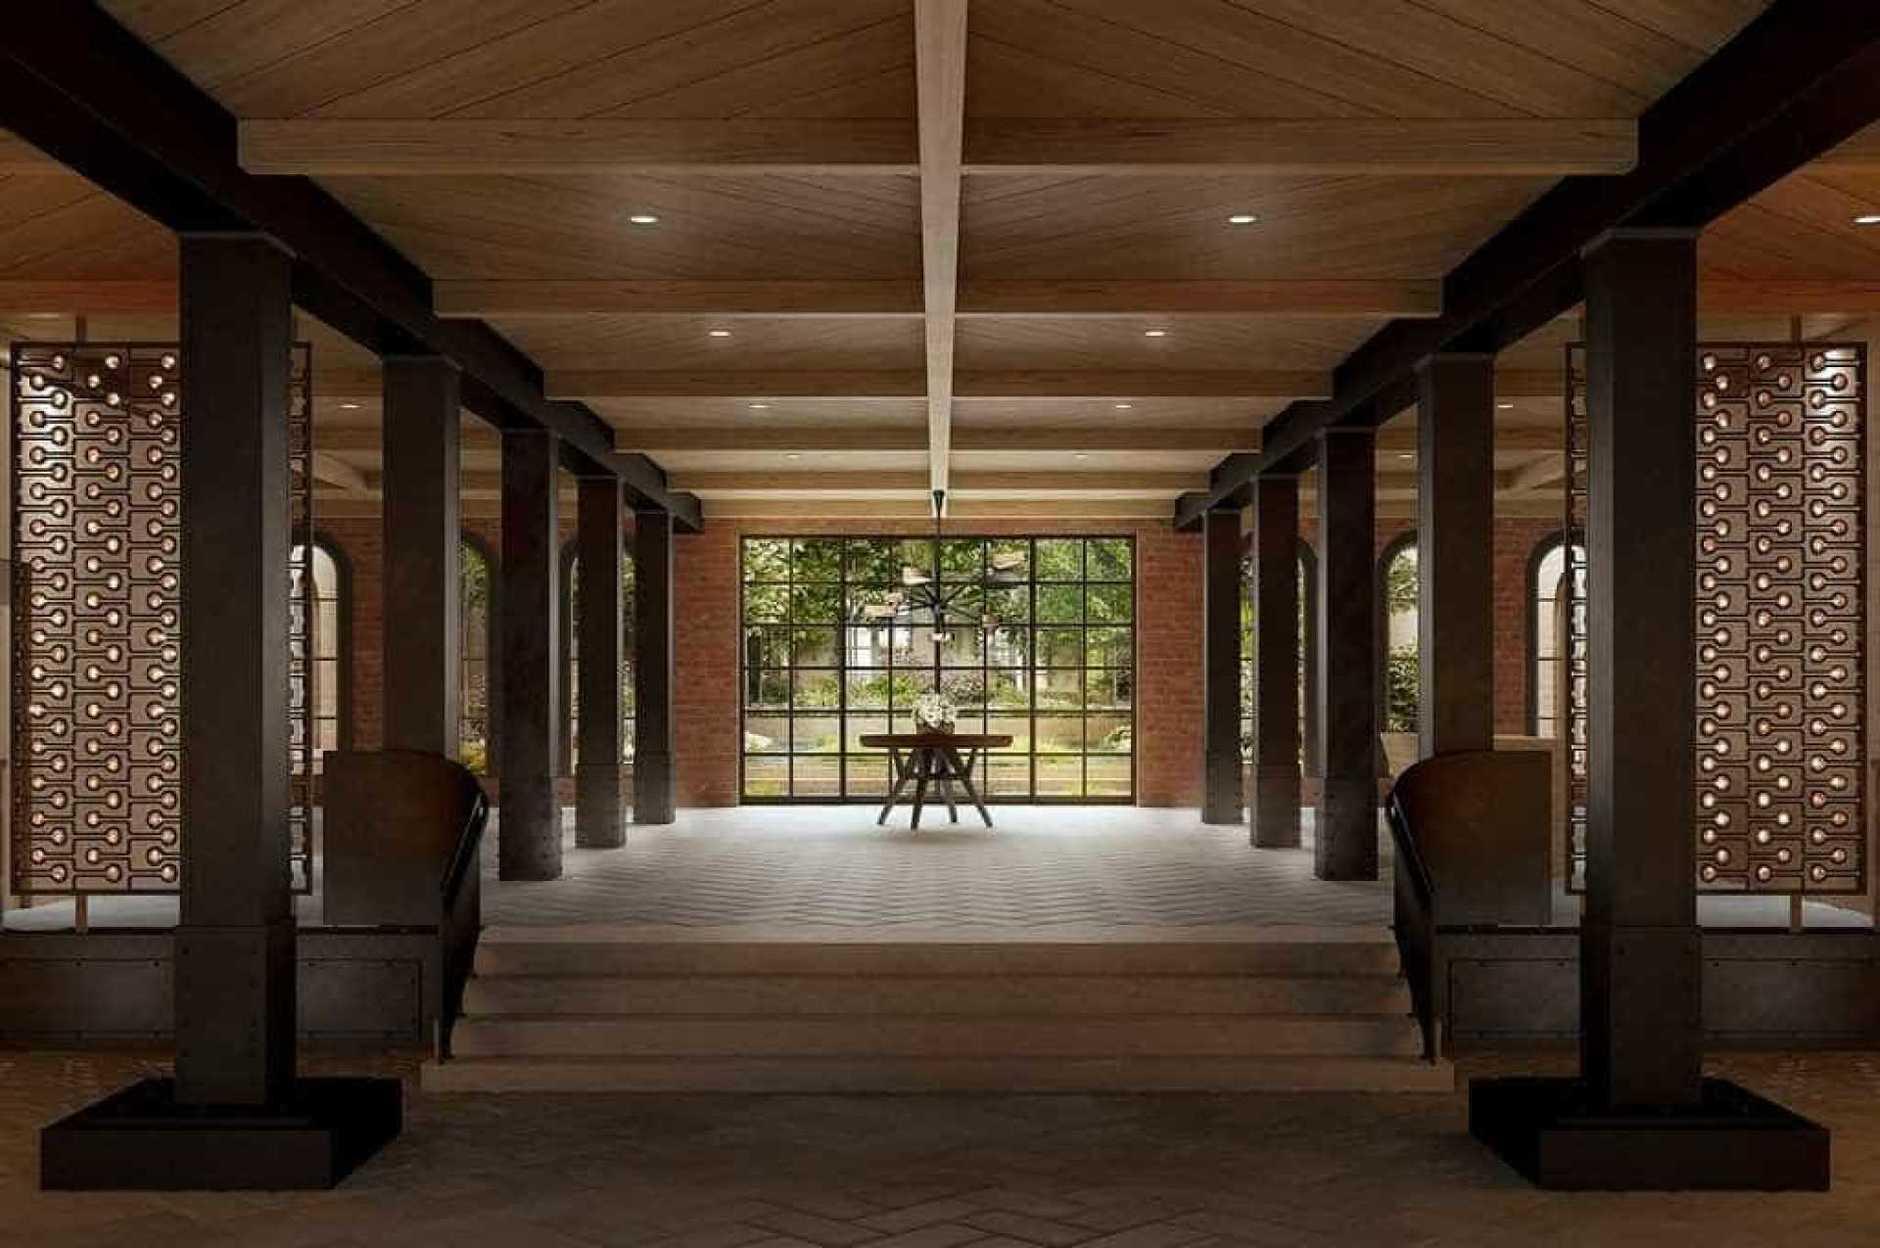 В гостях у звезды: новый пентхаус Джастина Тимберлейка в Нью-Йорке (галерея 4, фото 1)